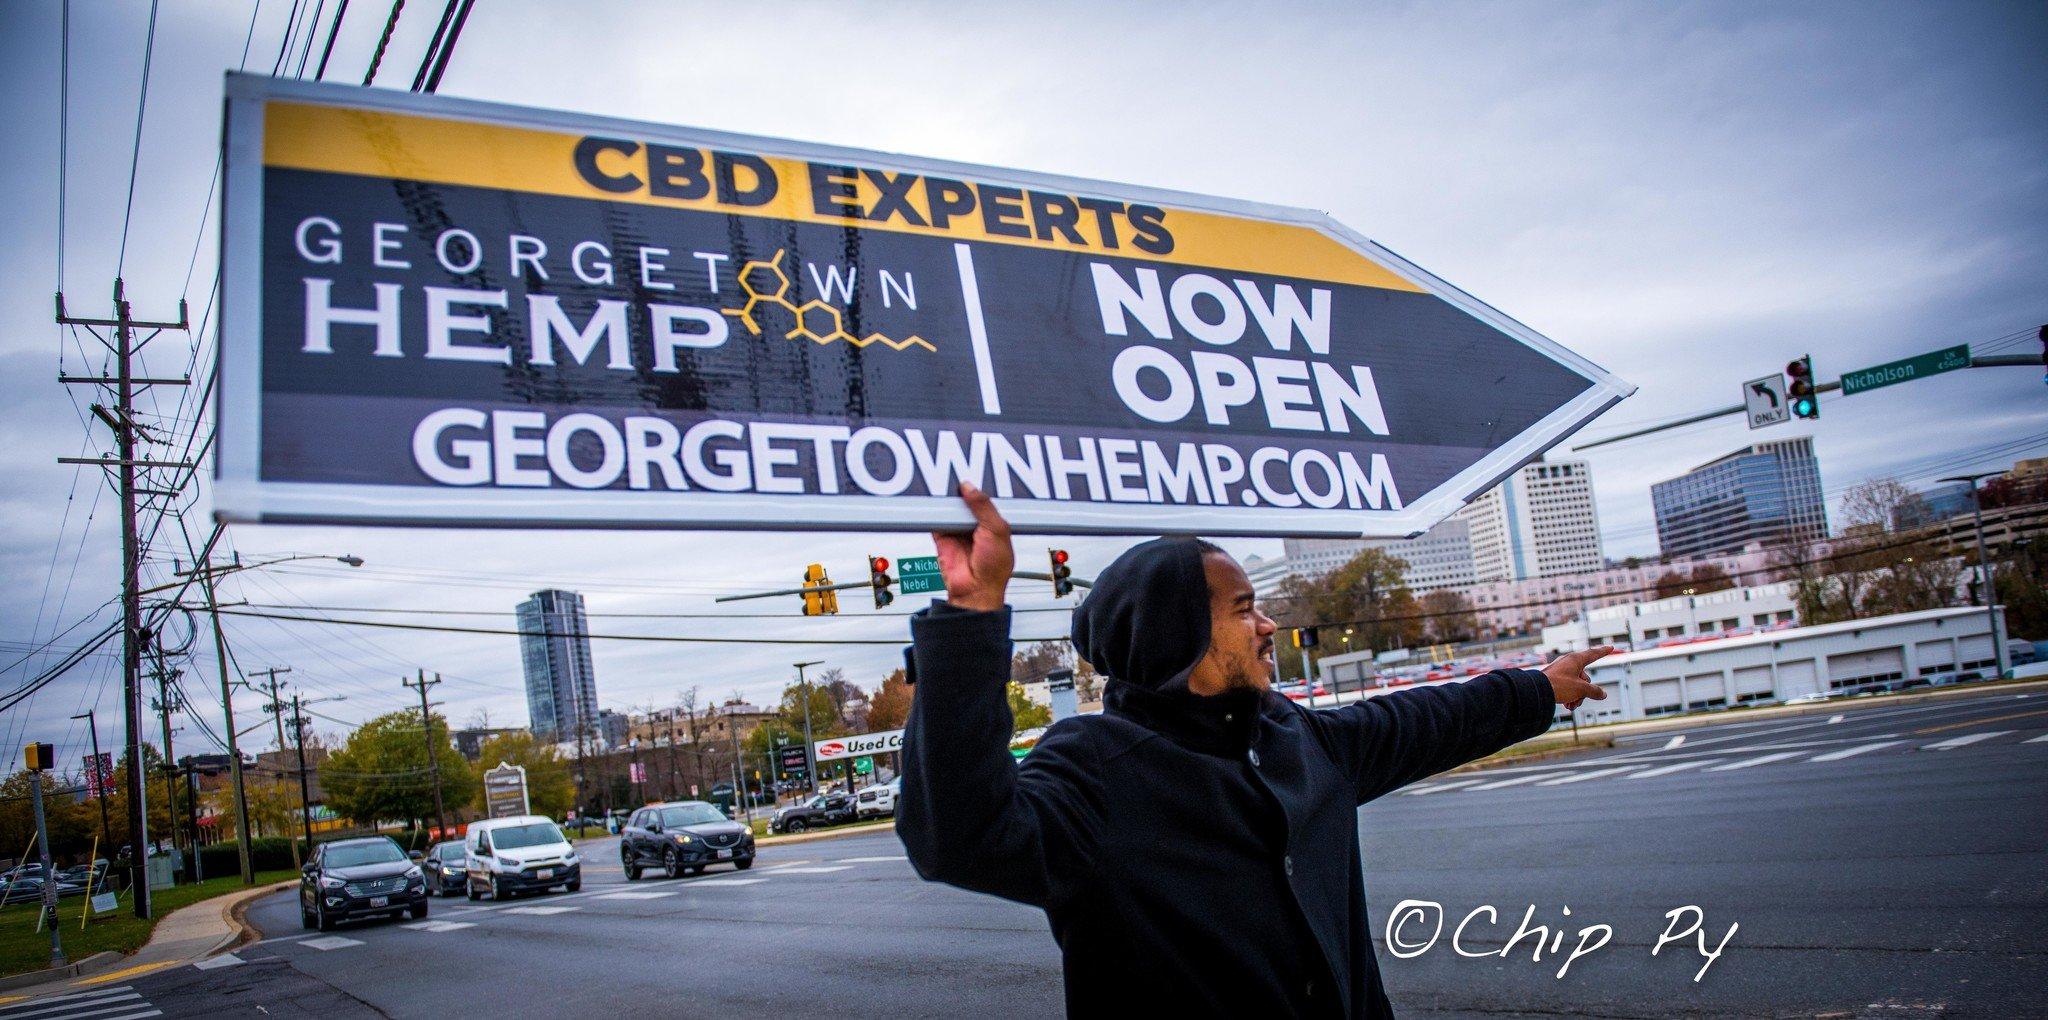 OPEN NOW CBD STORE